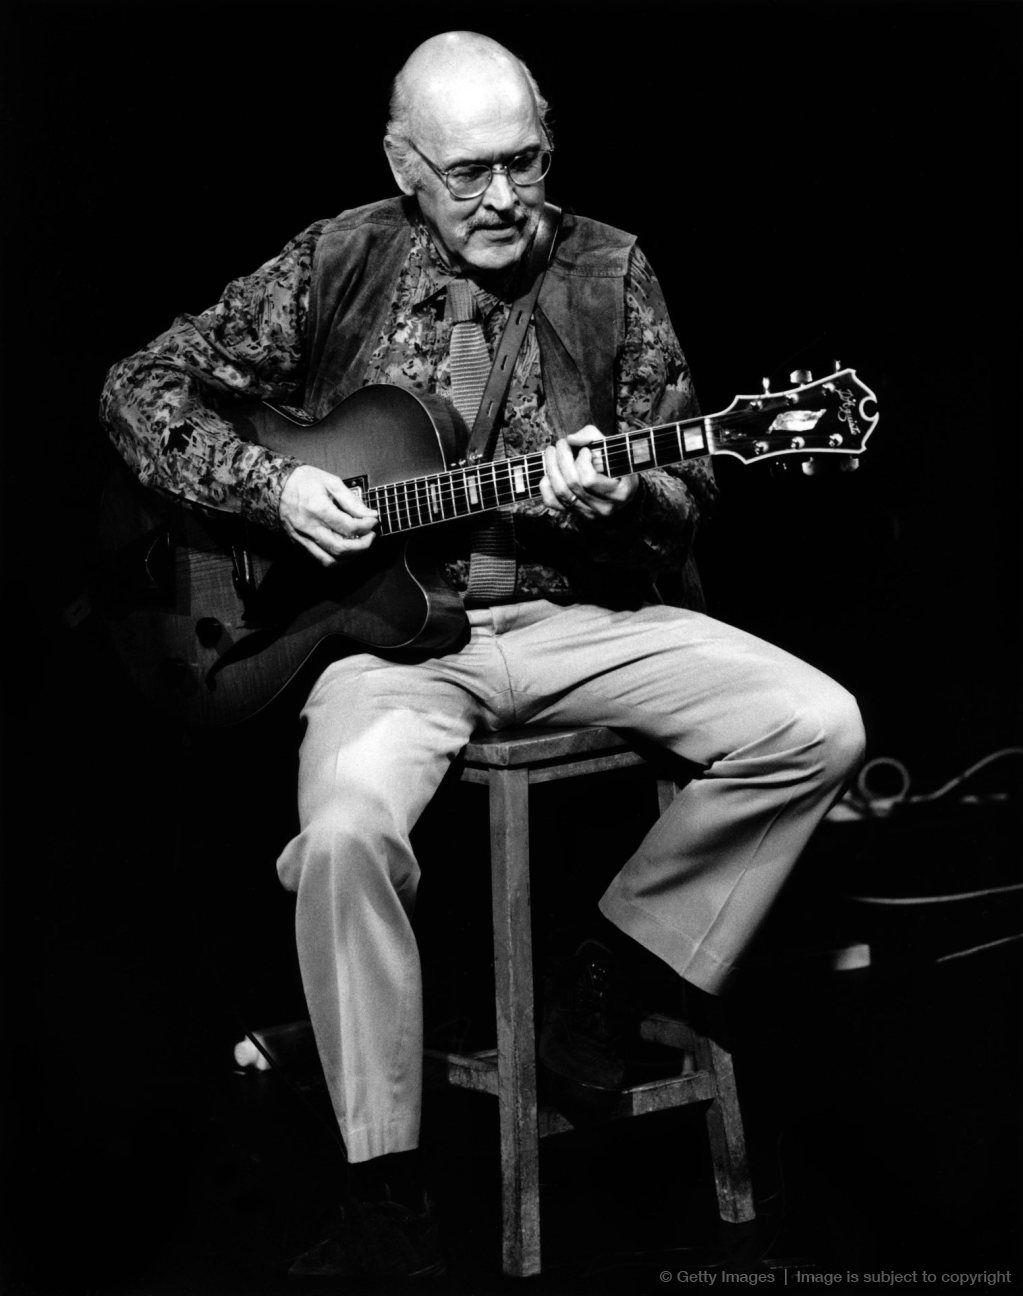 2 90년대 텔락 레이블 시절 기타리스트 짐 홀.jpg